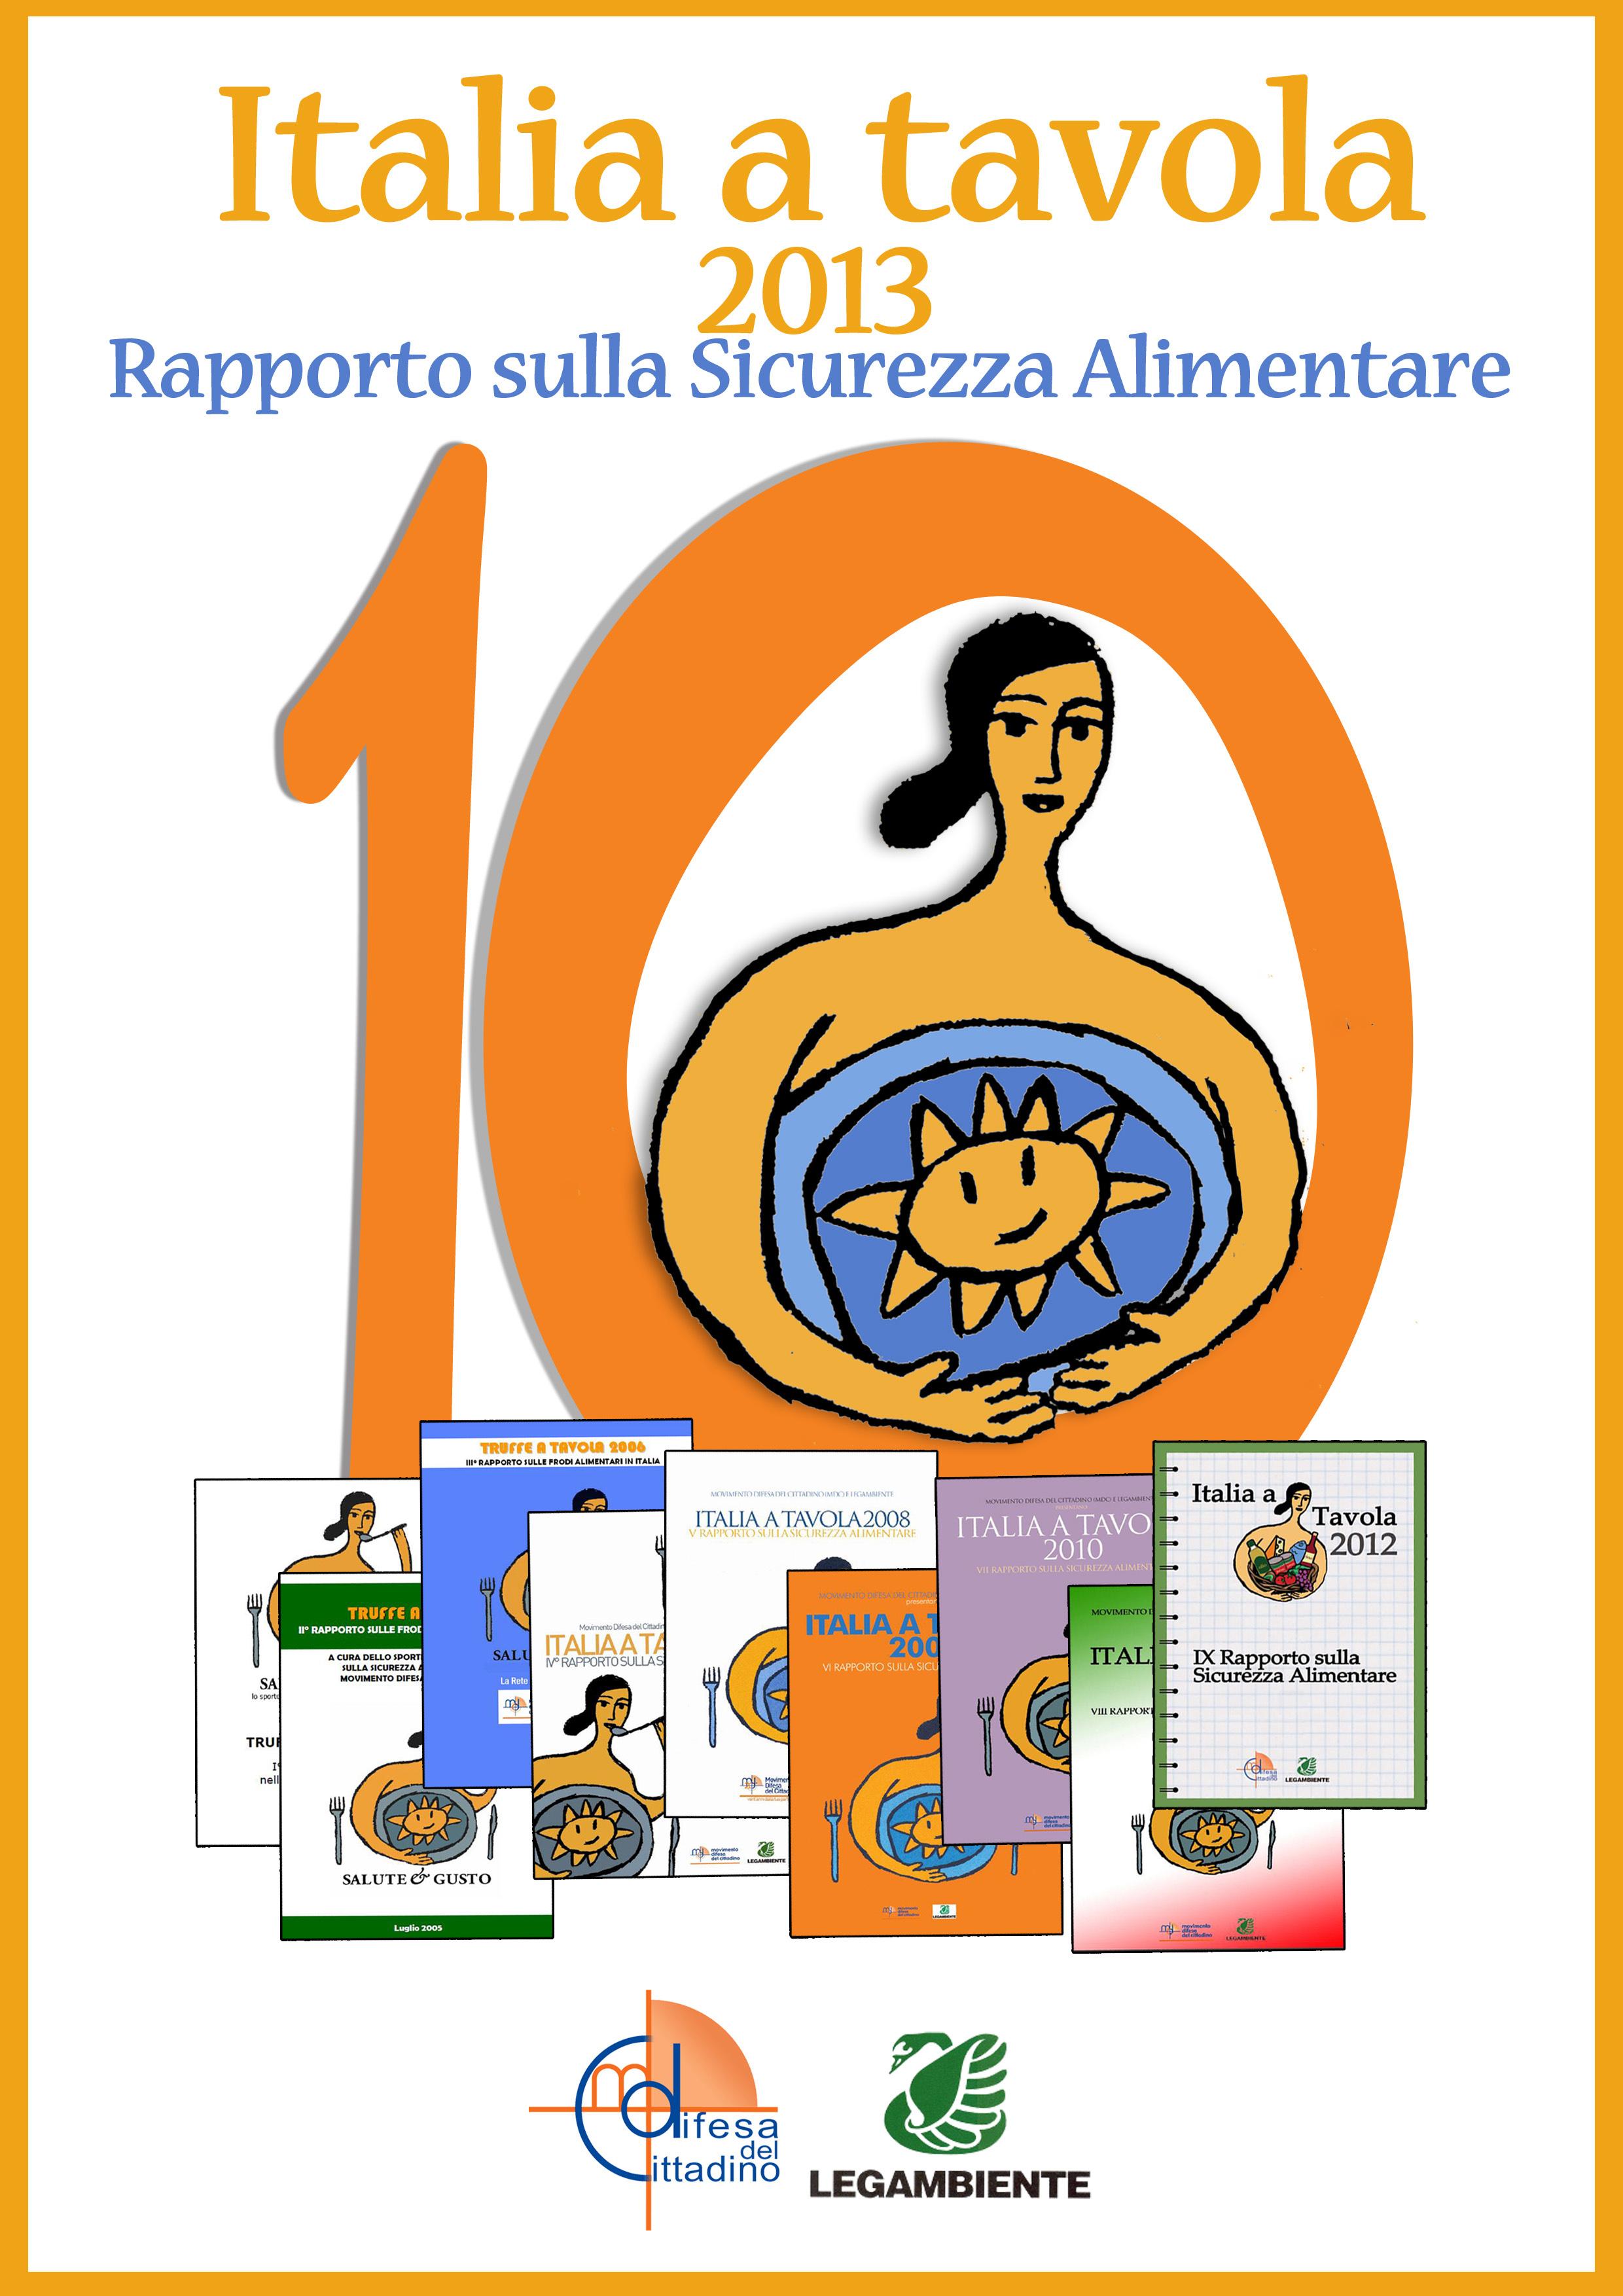 Firenze e Pescara ricordano la Magnani con un monologo della Vitale